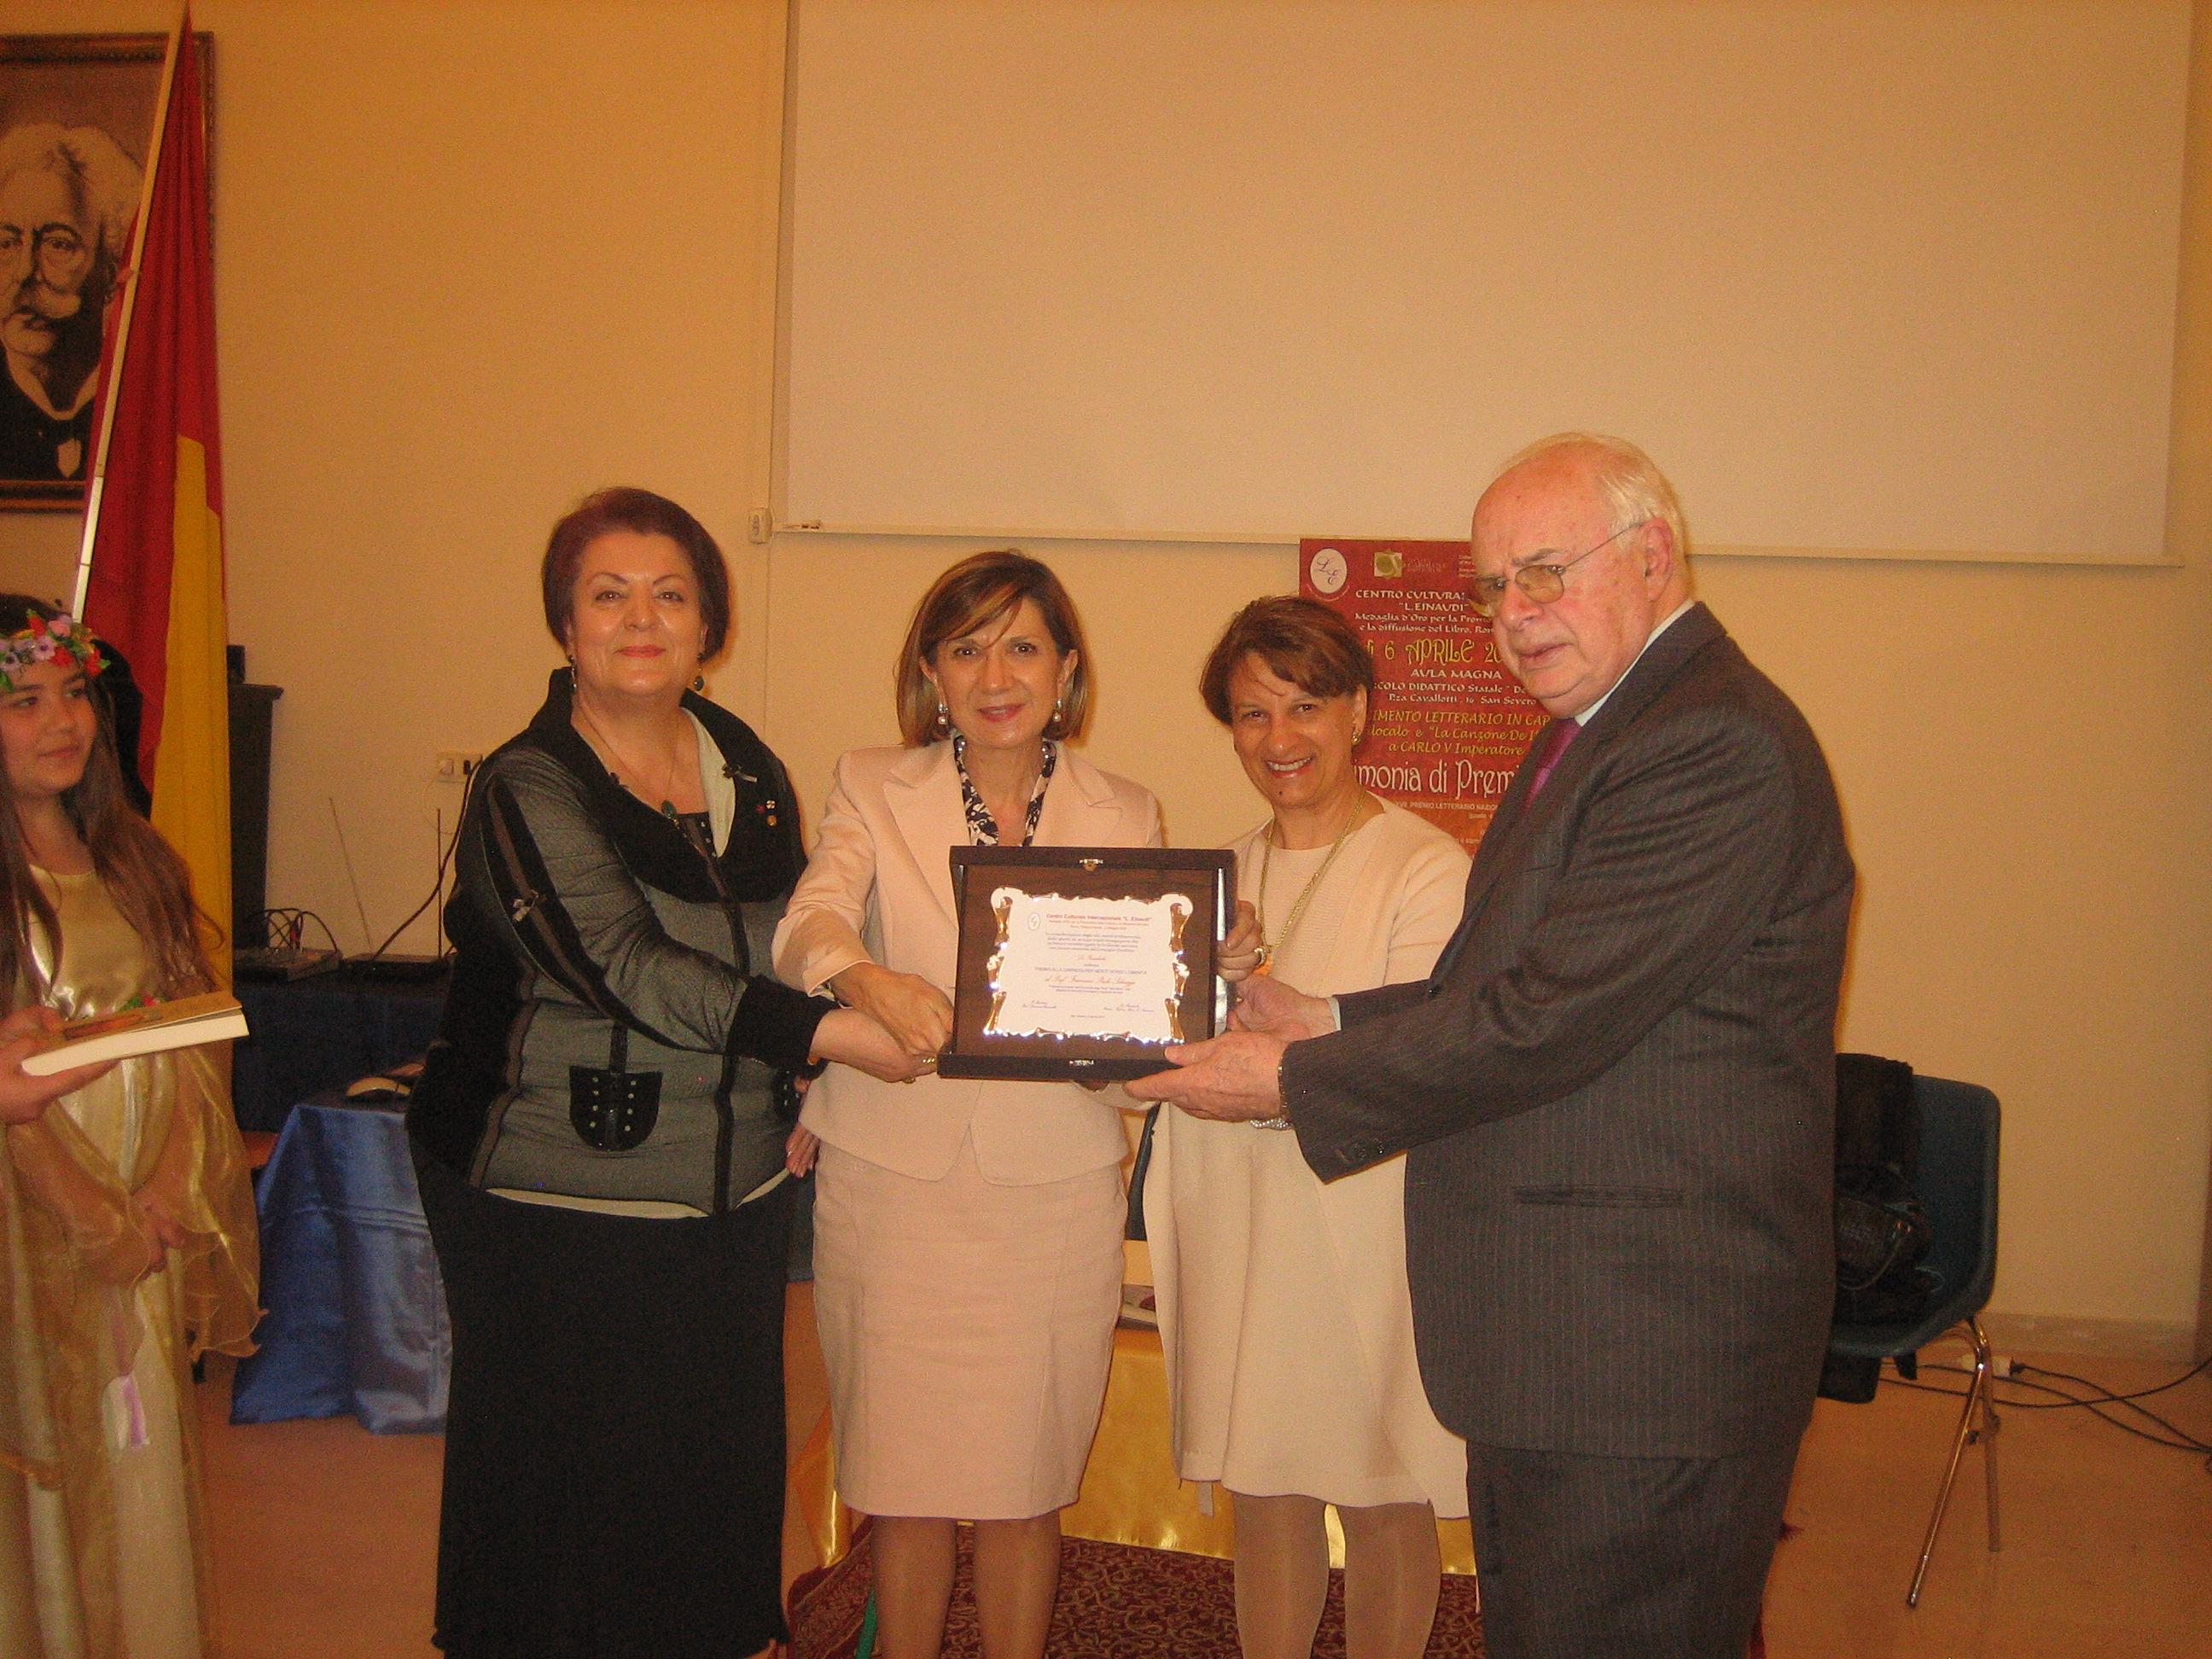 2018 si consegna il Premio Minuziano  all'editore Adda IMG_6662